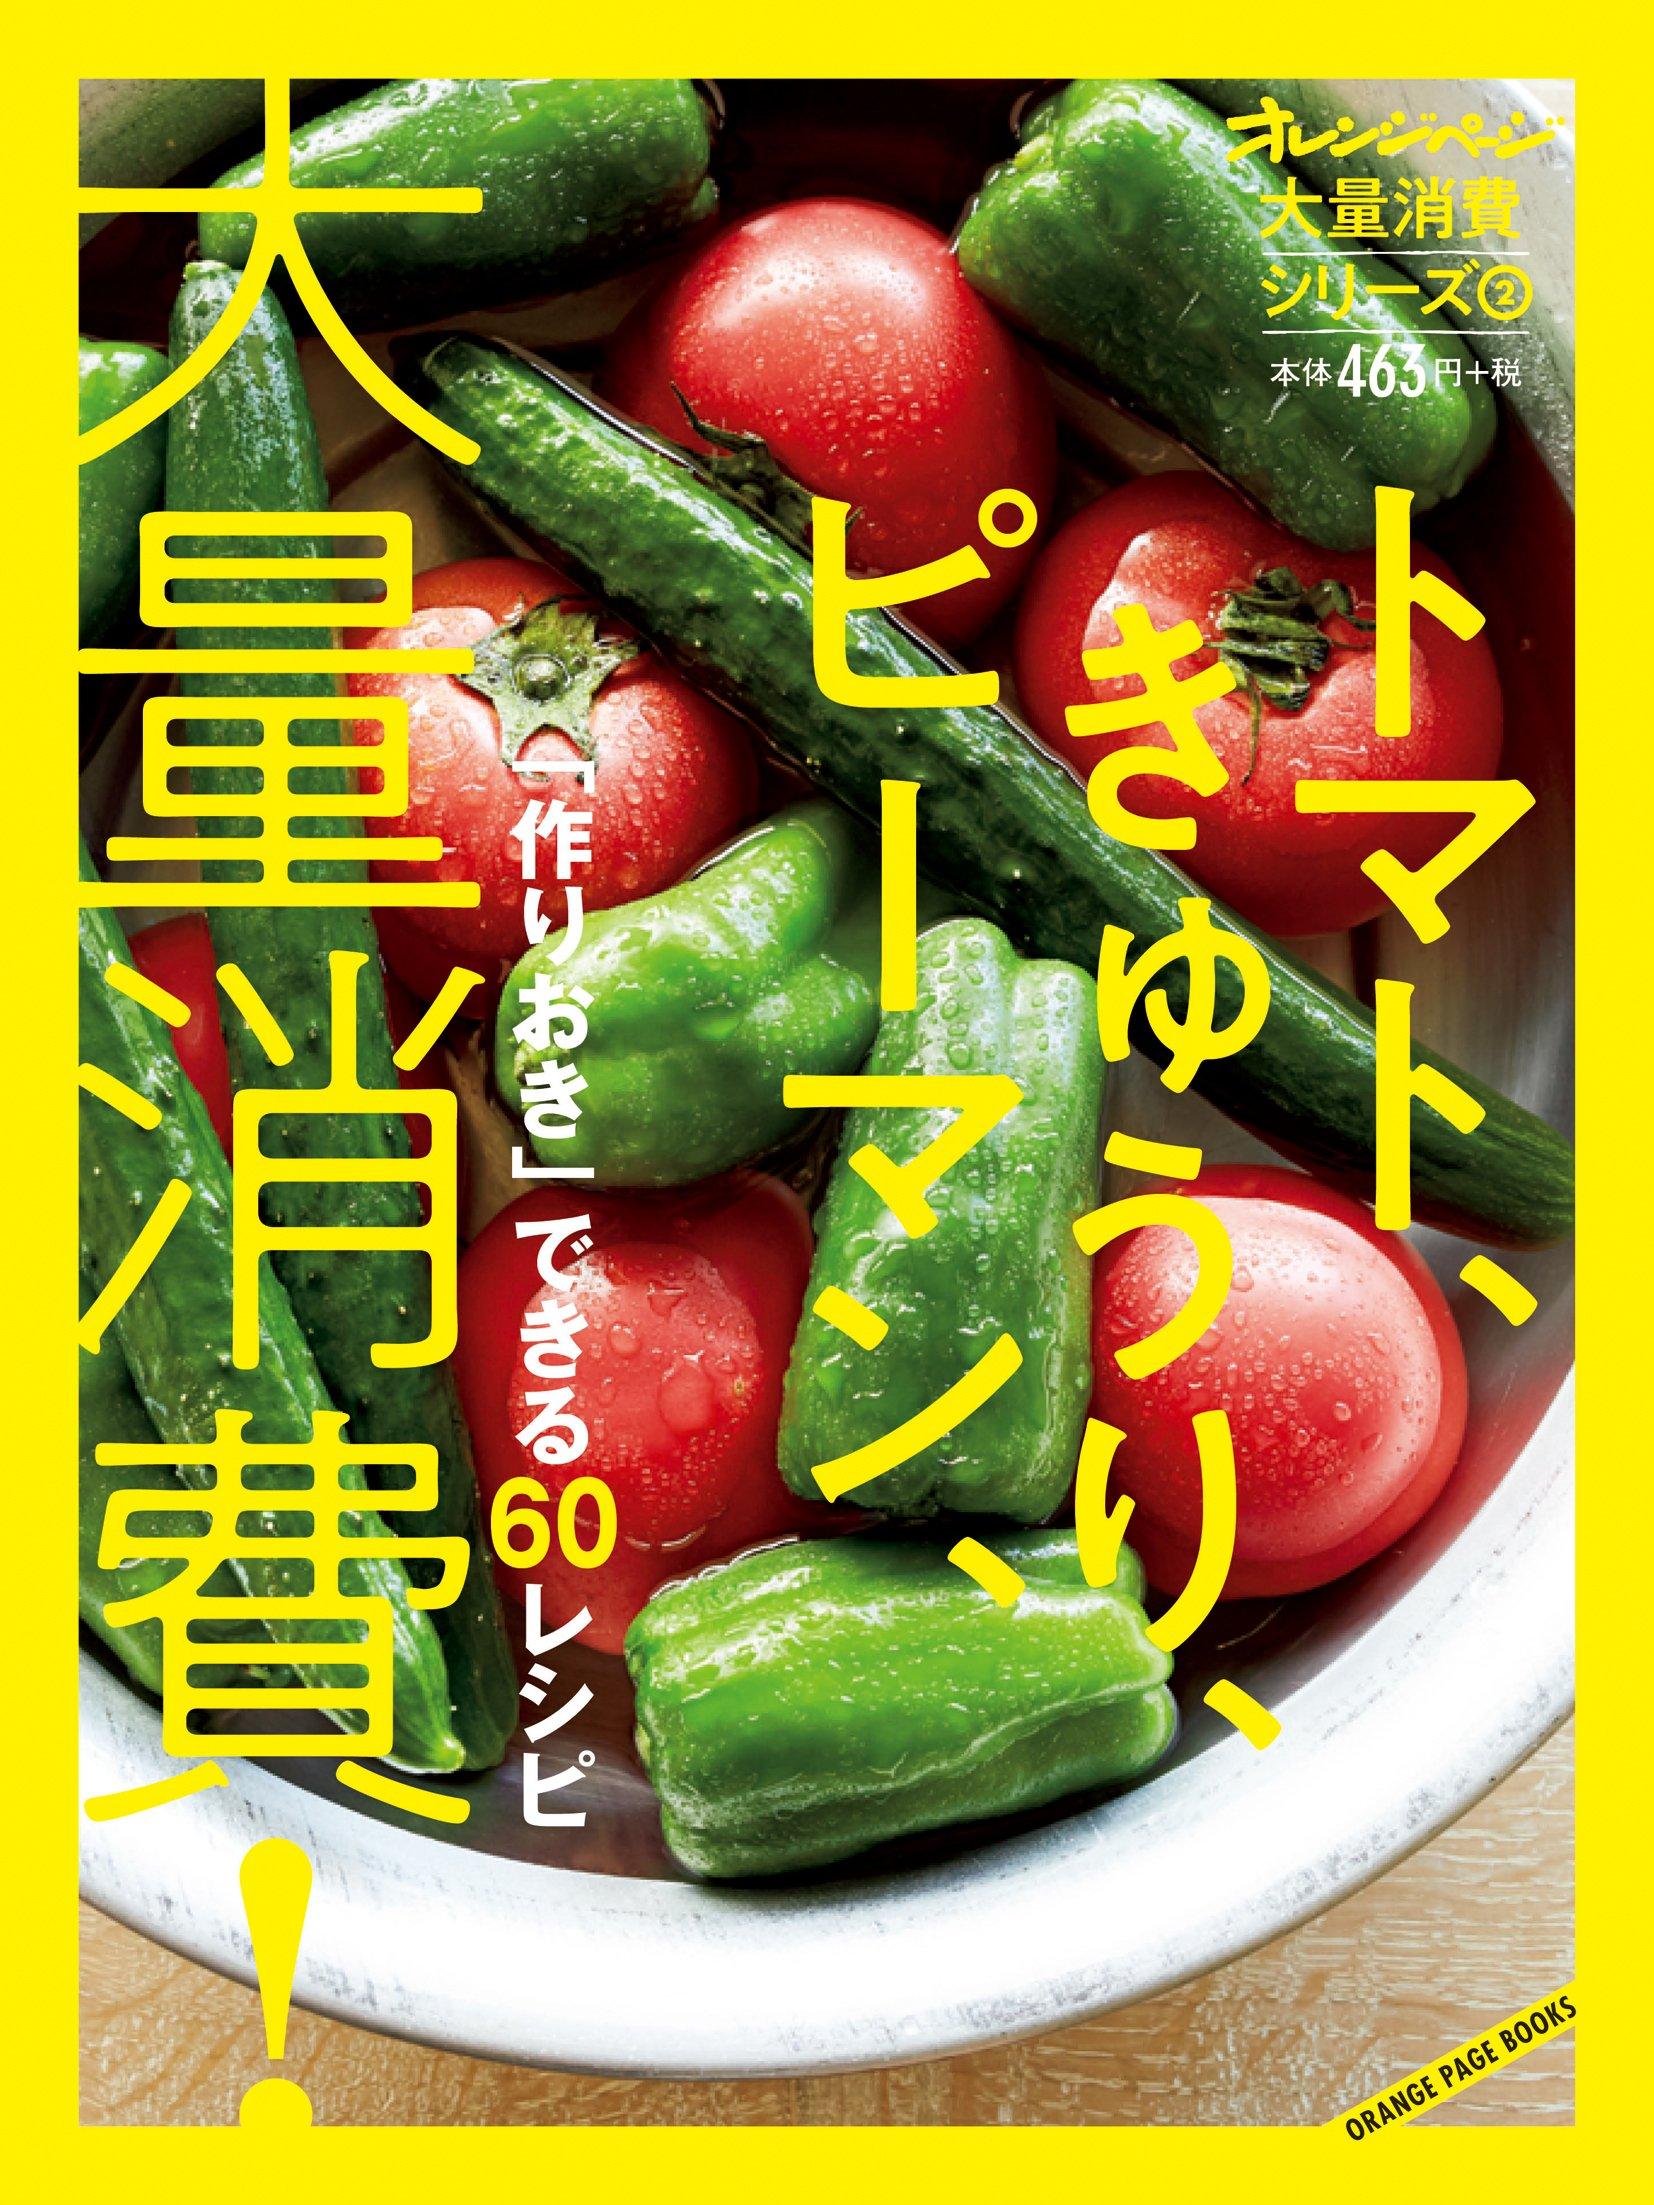 消費 レシピ ピーマン 【超簡単】ピーマンのレシピ人気15選!大量消費おすすめ!メインから副菜まで